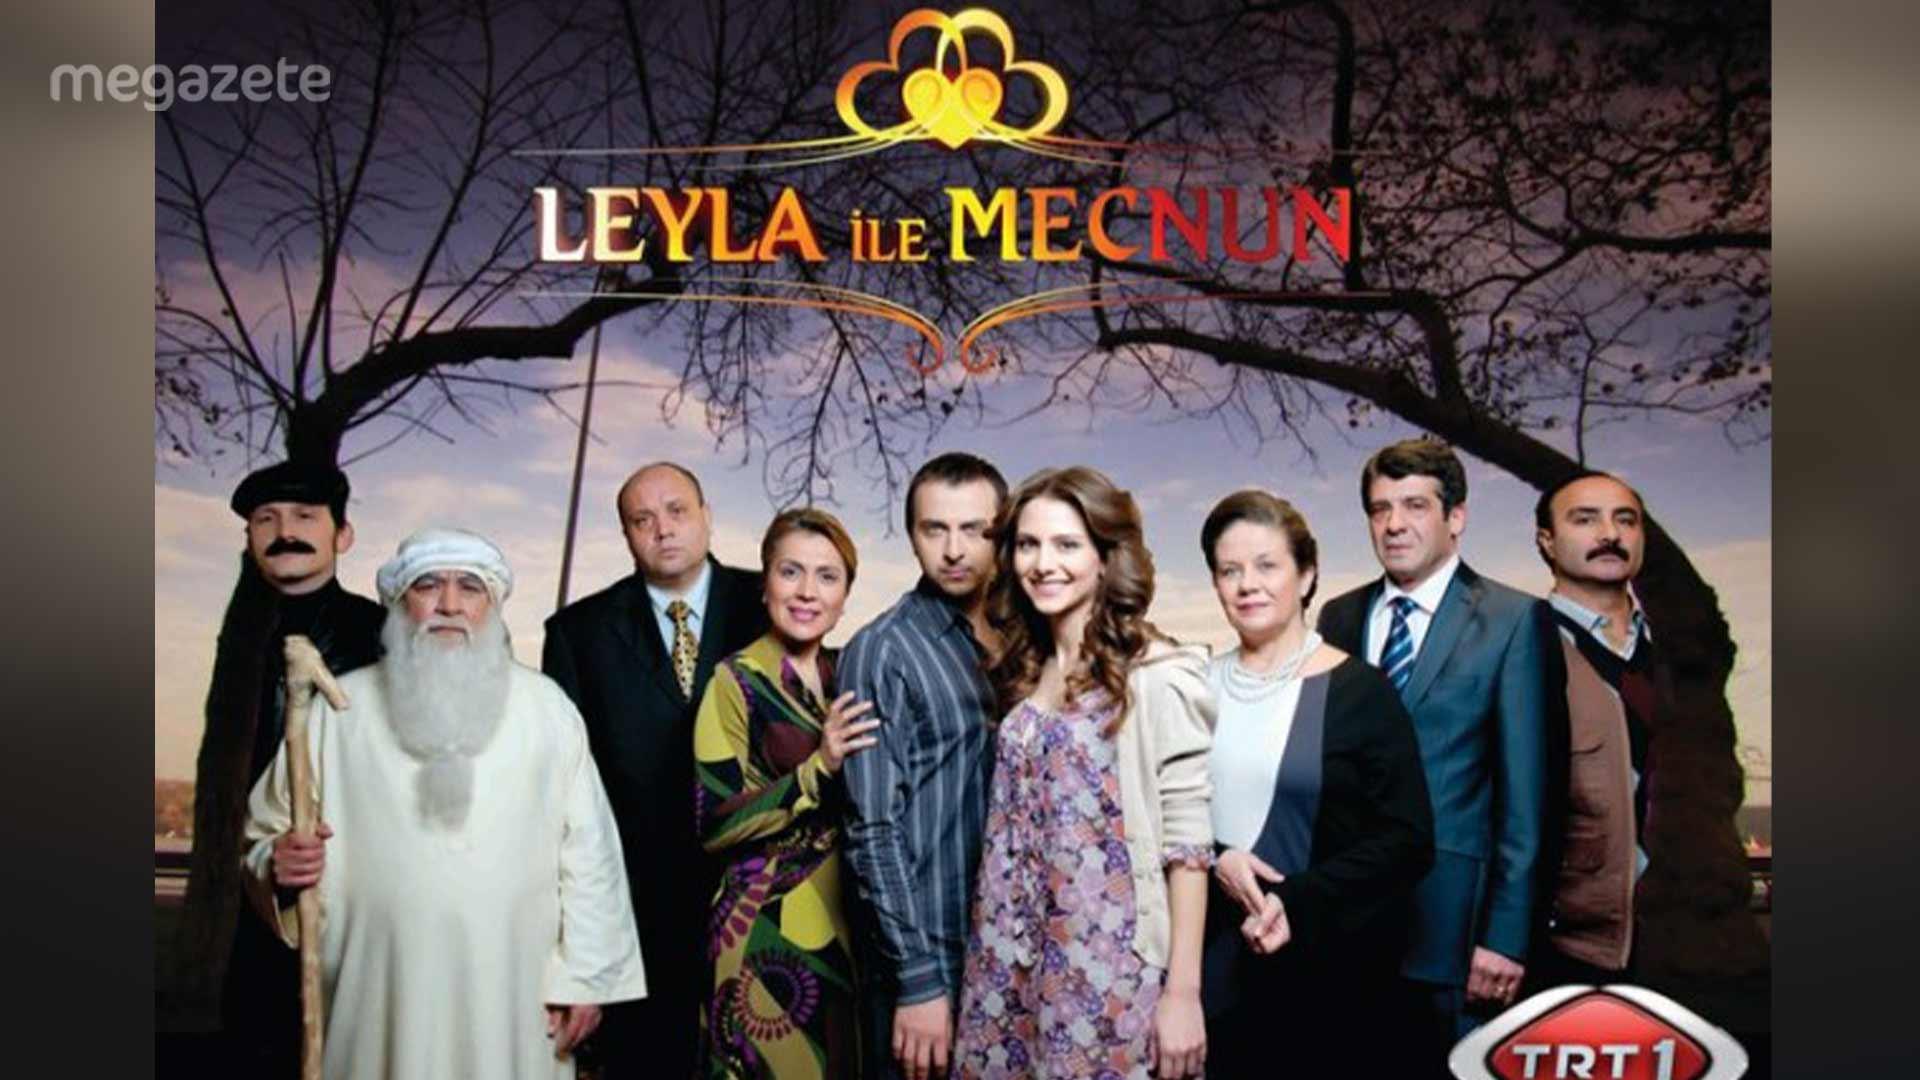 Leyla İle Mecnun Oyuncuları ve Konusu